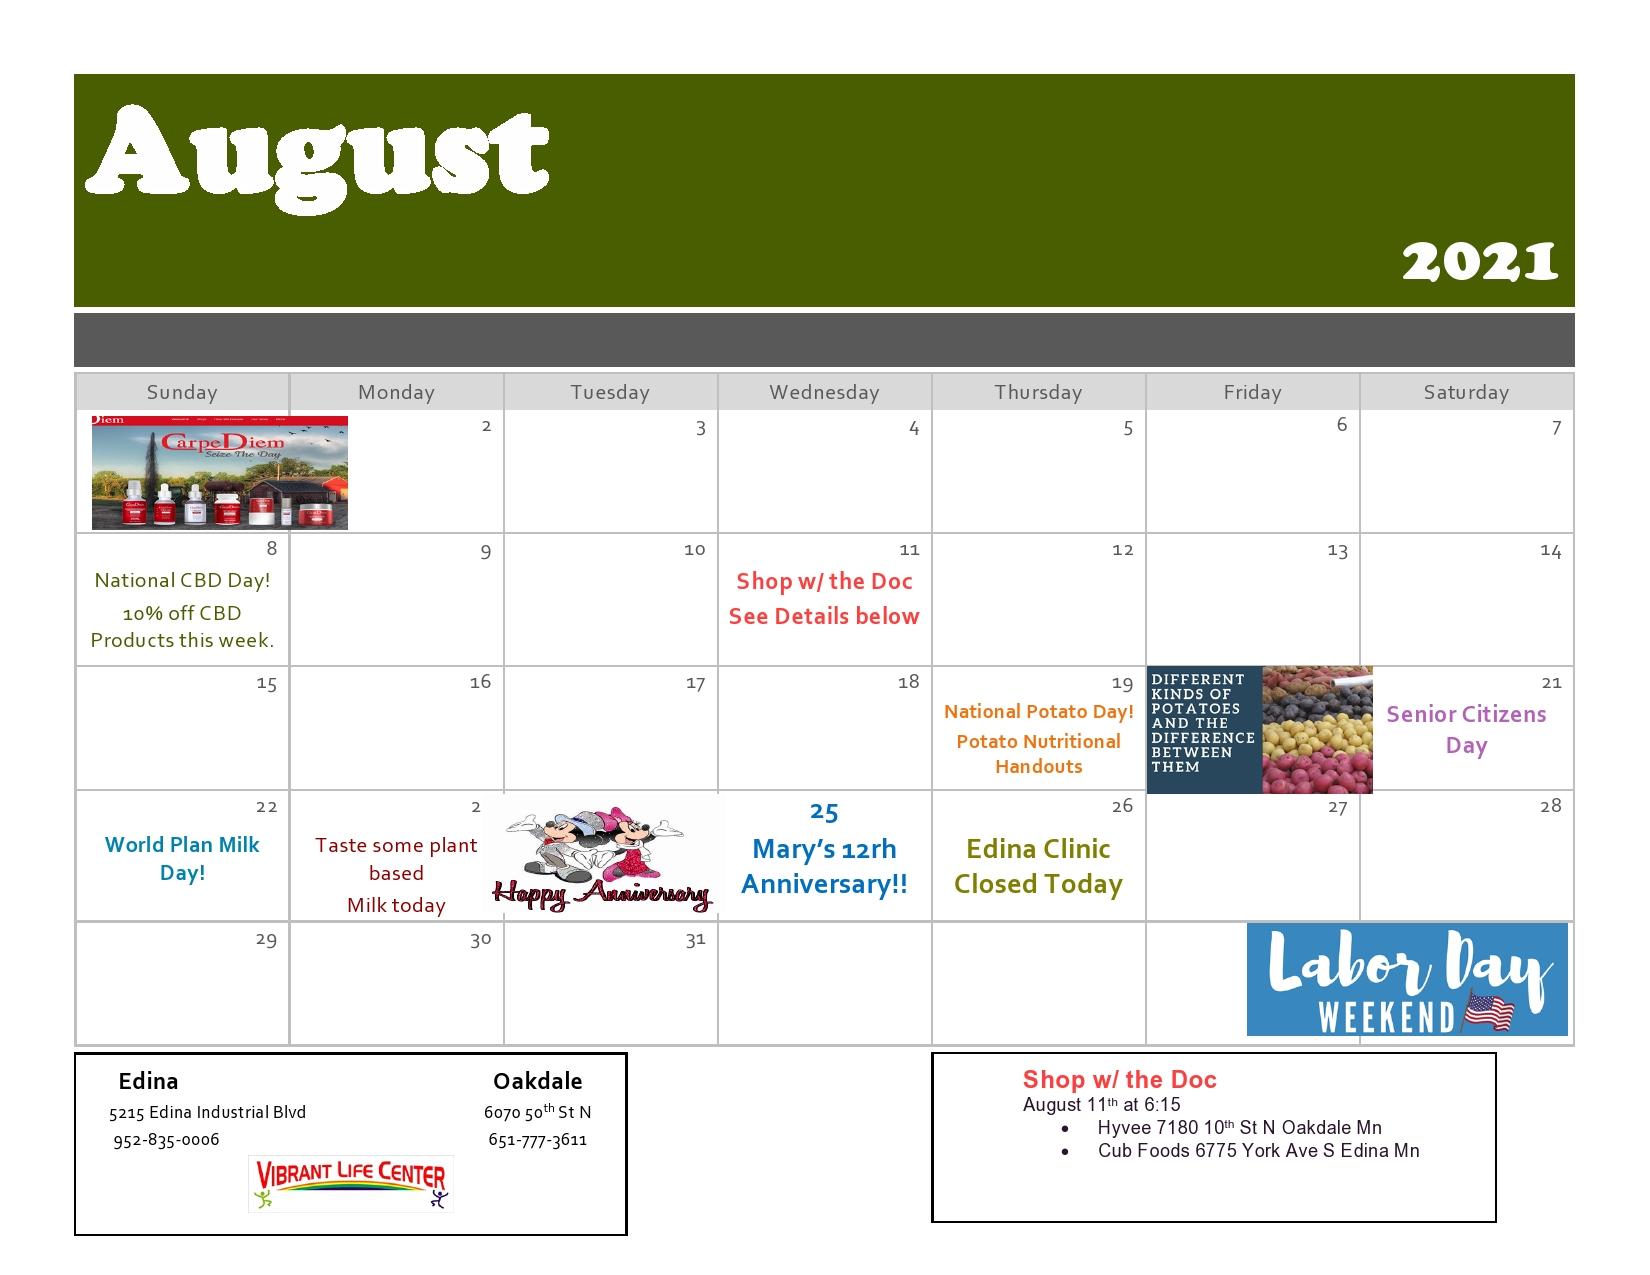 August 2021 event calendar